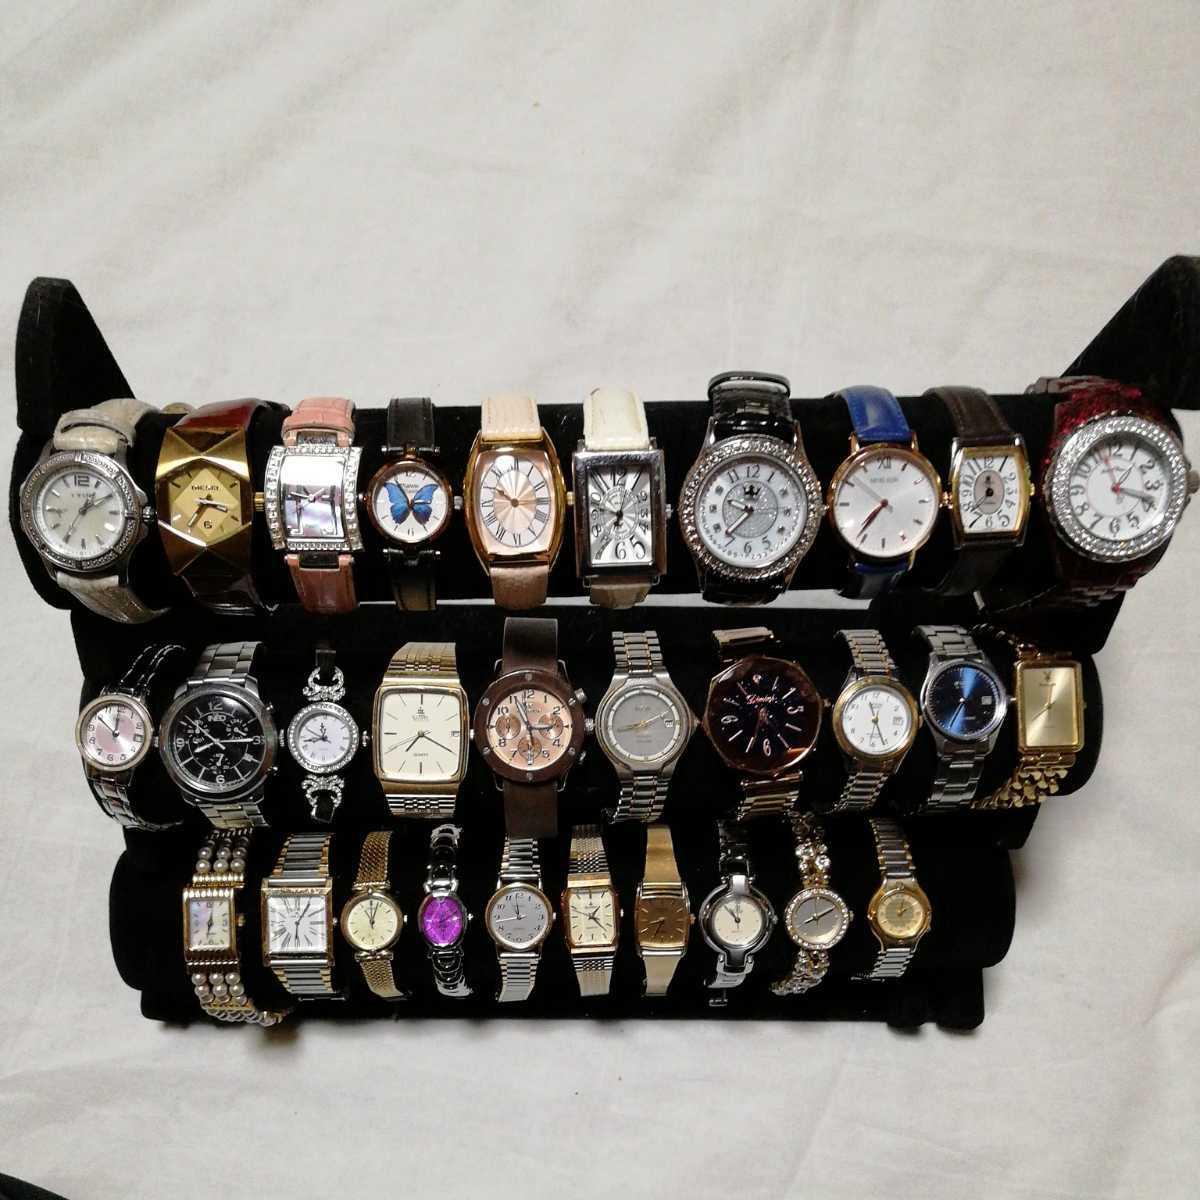 高級腕時計のみ ANNASUI DIESEL JUNCHANS SEIKO ELGIN CYMA TECHNOS ORIENT CASIO など 30本 まとめ 大量 セット ジャンク 格安 c01